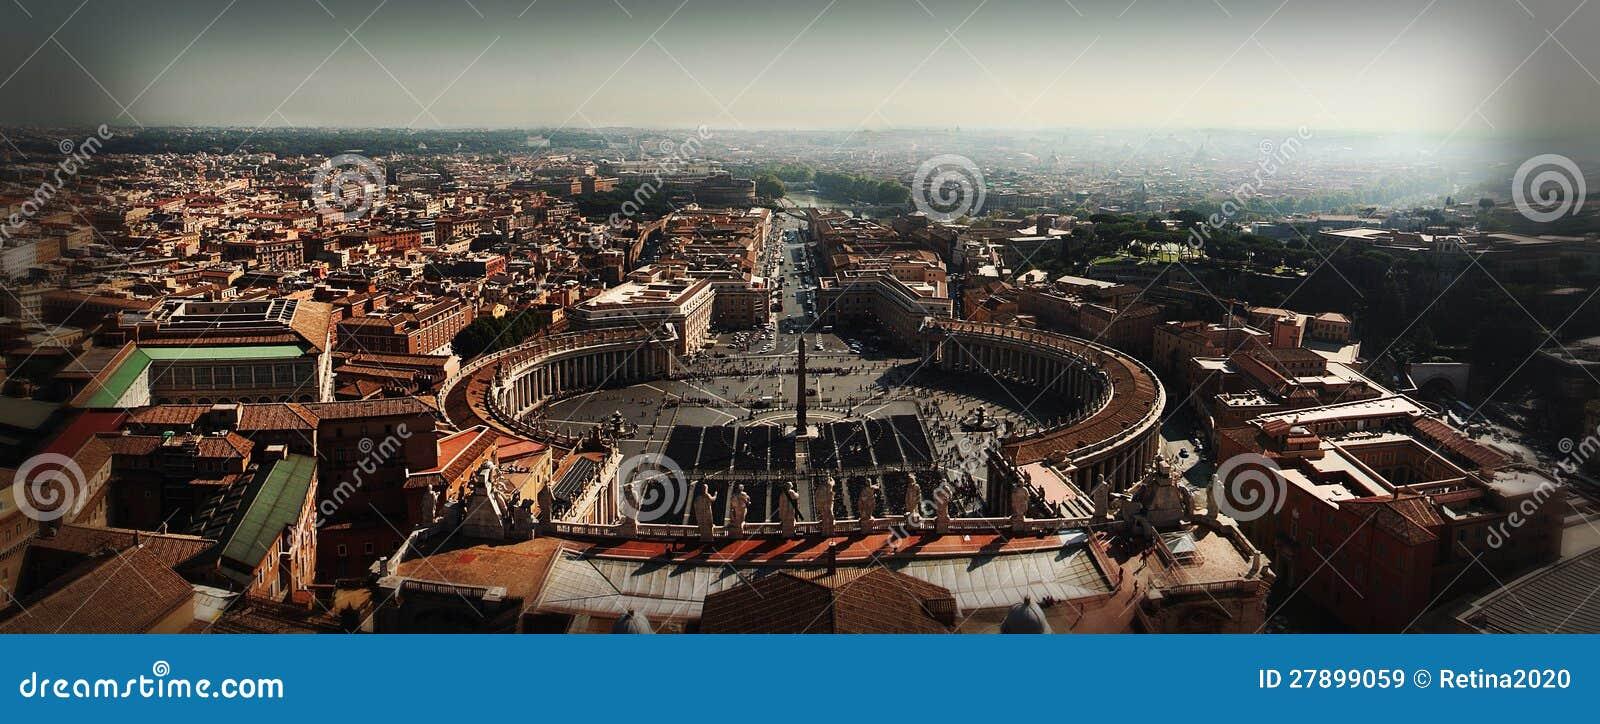 Puntada panorámica de Smartphone de la Ciudad del Vaticano